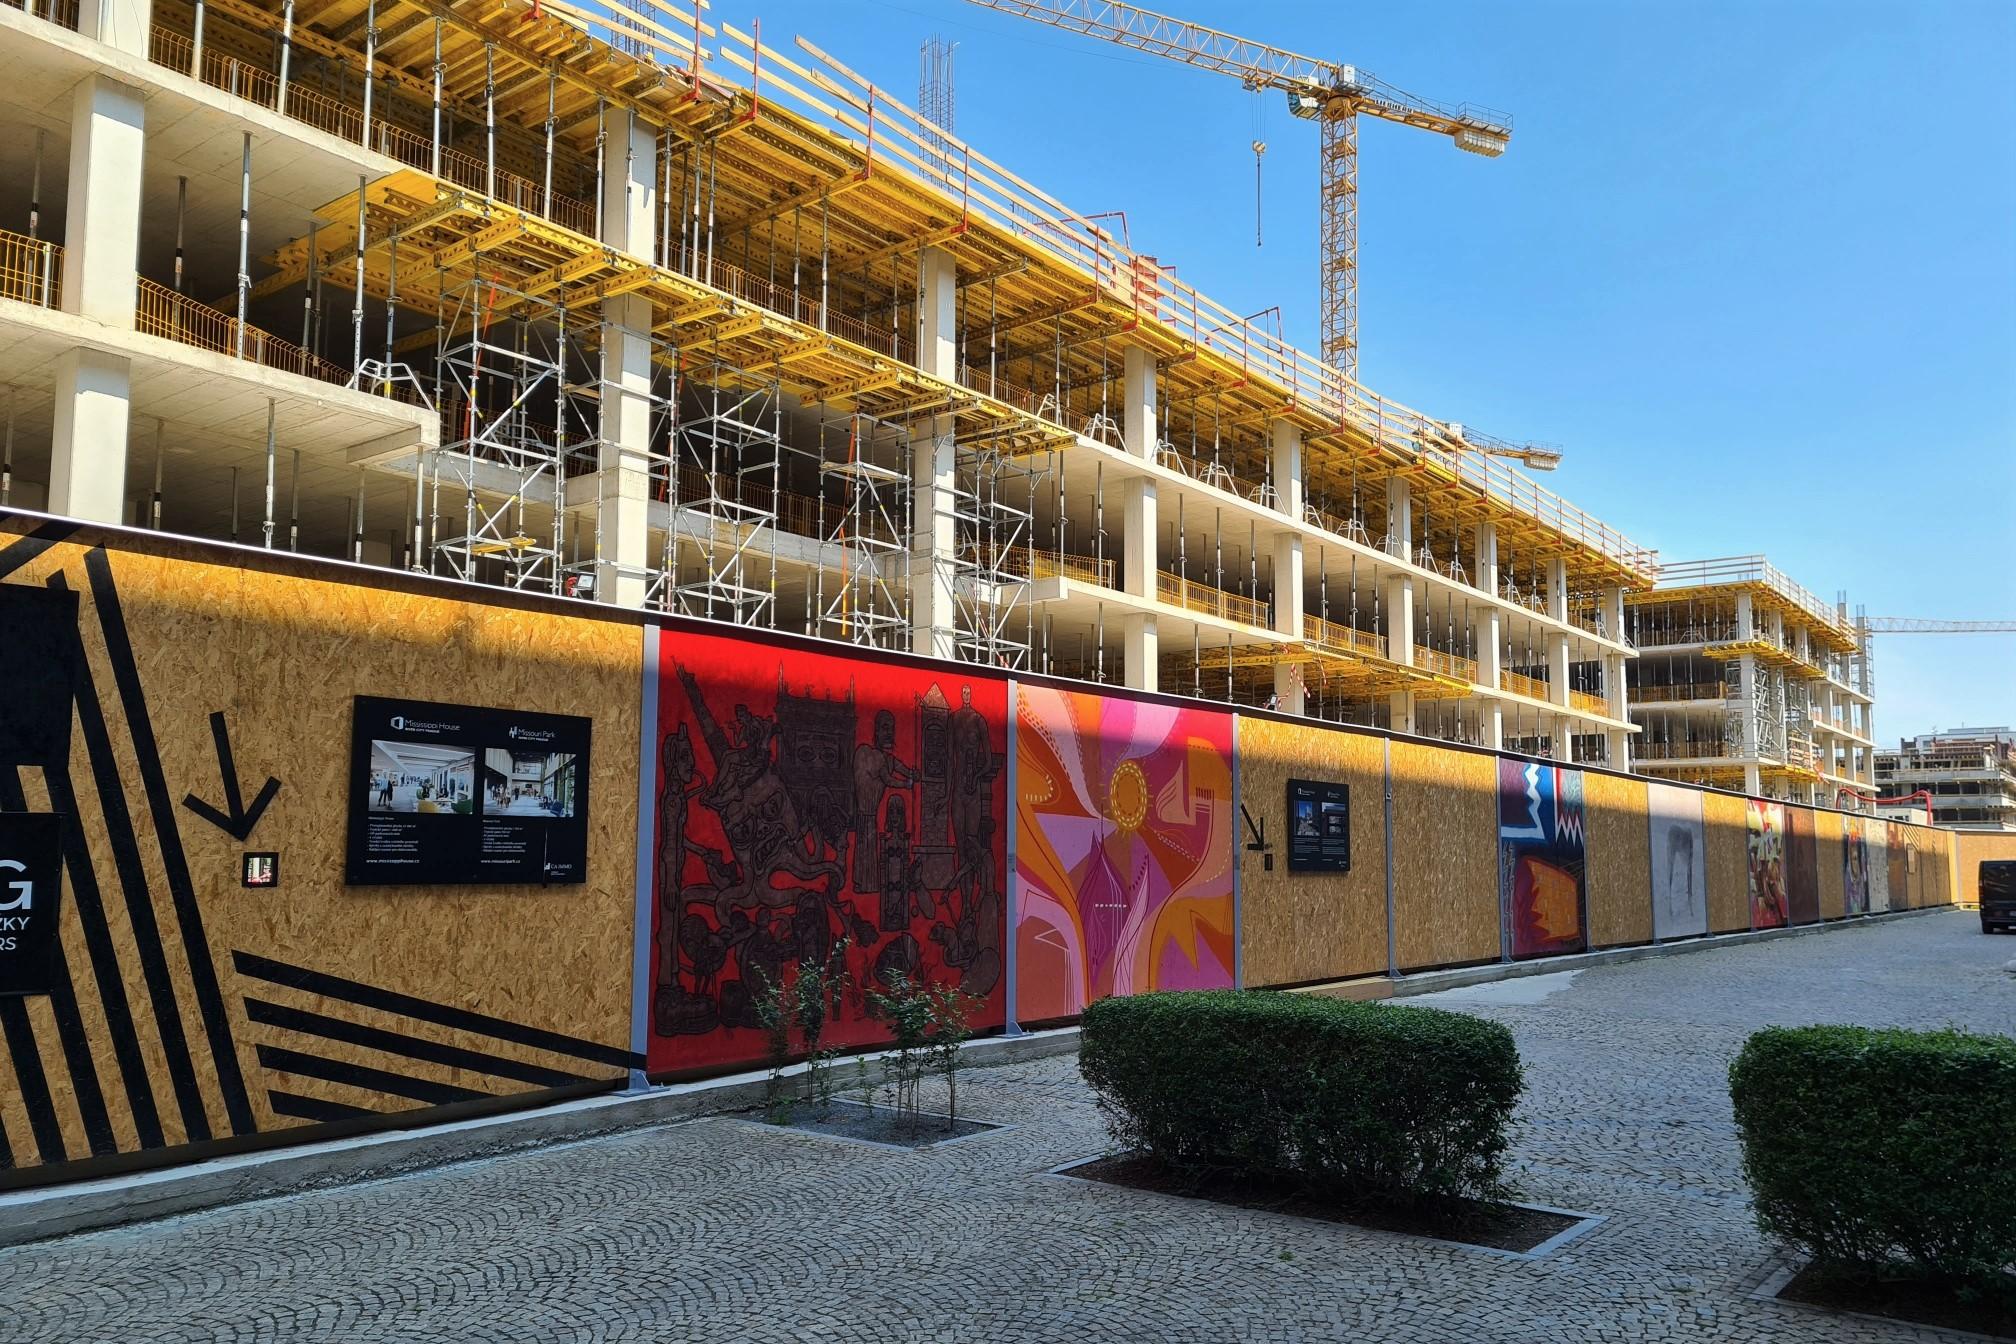 Návrh ČSSD má za cíl snížit ceny bytů, avšak naráží na mnohá úskalí… (Bytová politika, I.)